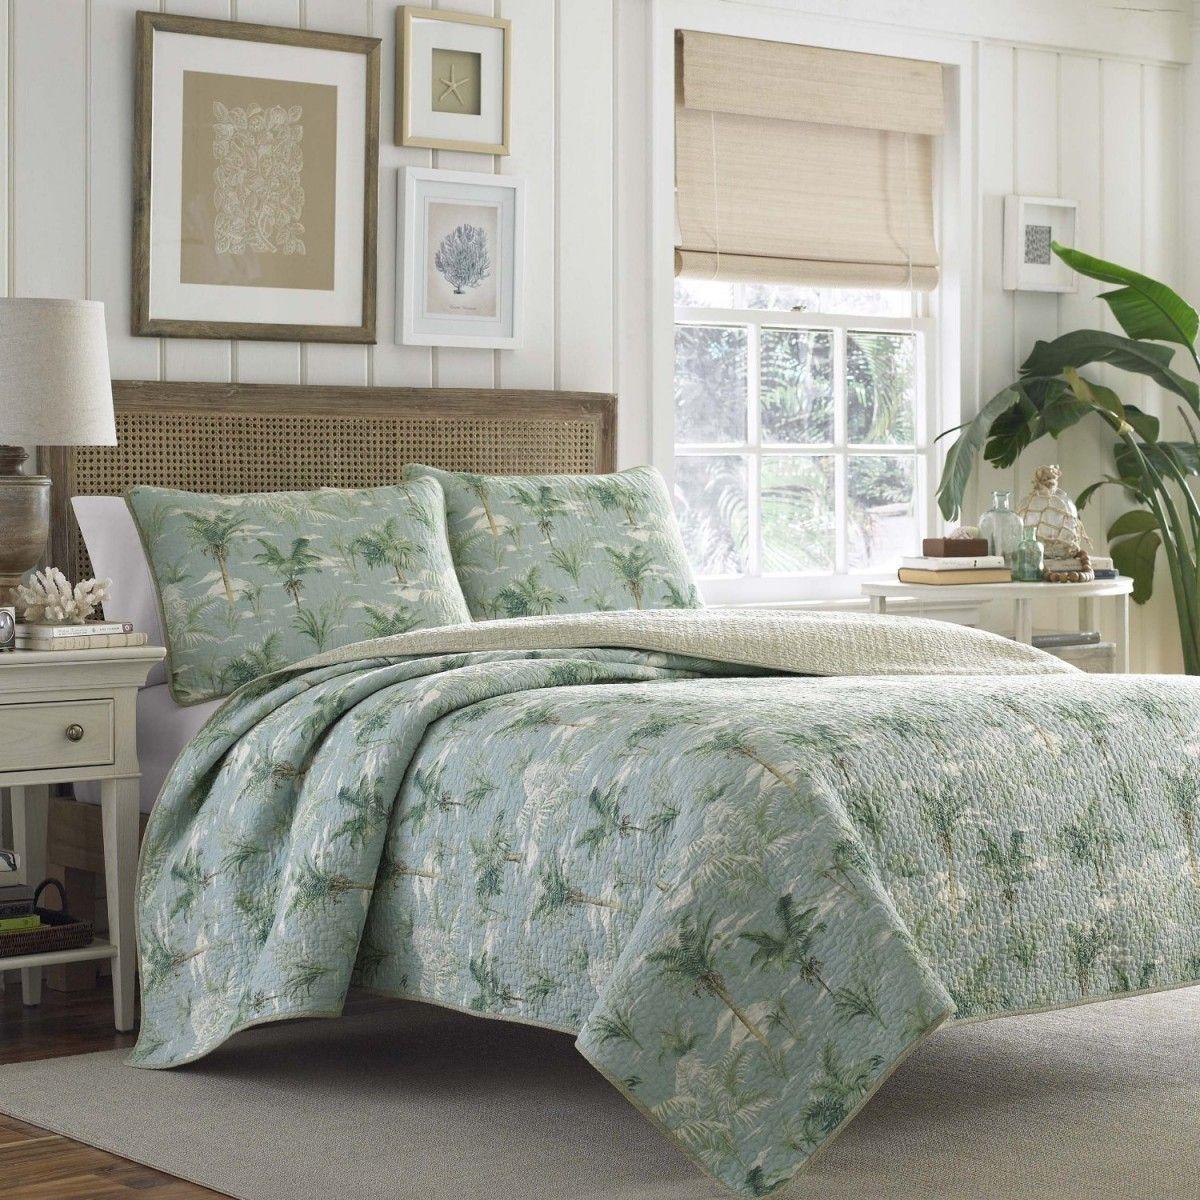 トミーバハマ ベッドキルト3点セット クイーン 寝具 ベッドカバ :bed208:アイディーリ輸入雑貨専門店 - 通販 - Yahoo!ショッピング